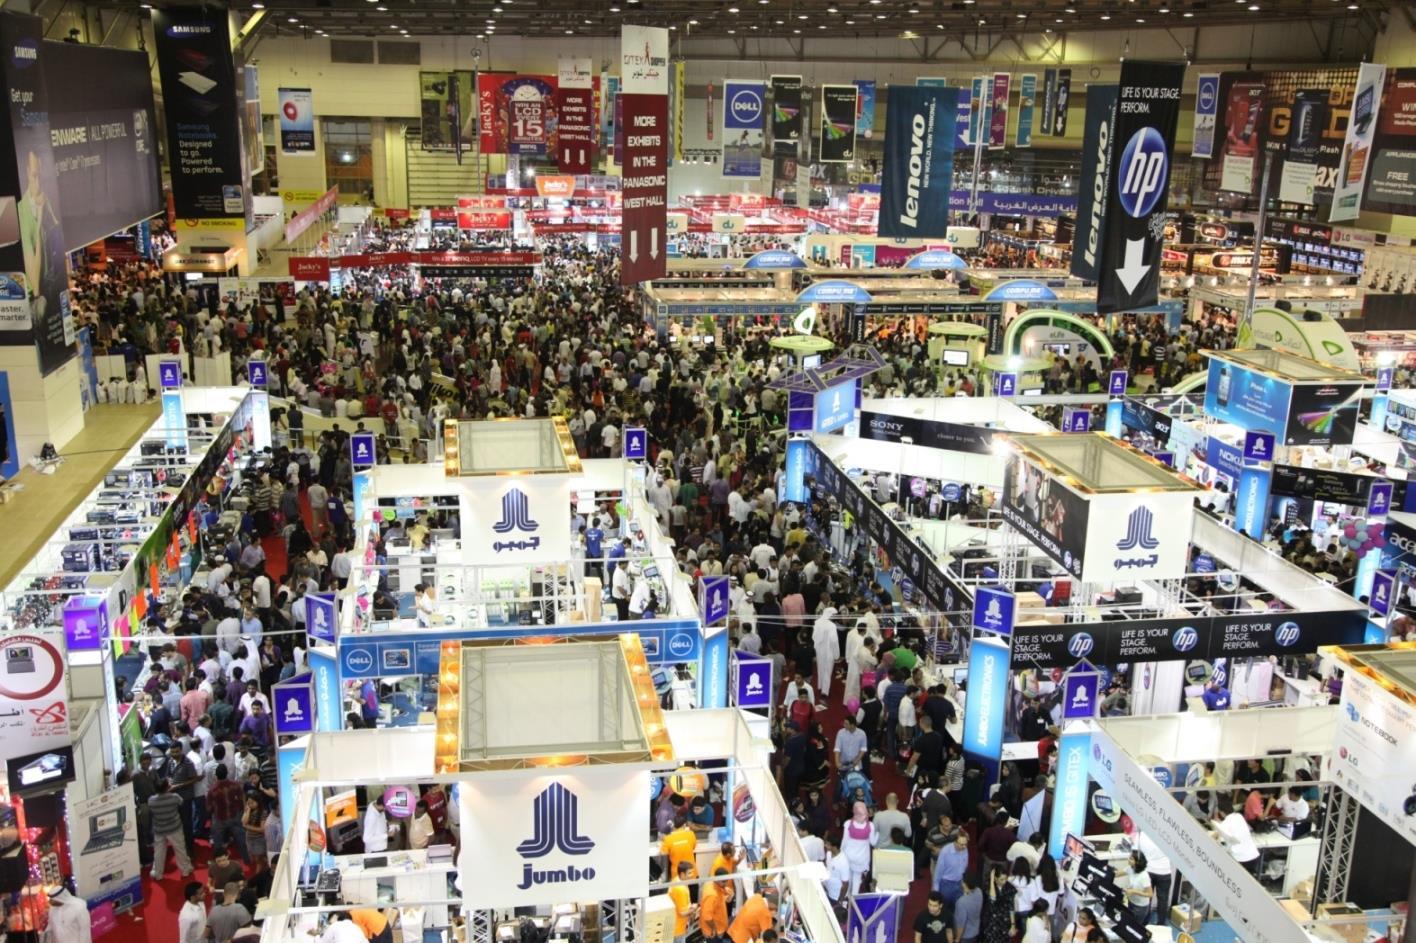 افزایش دانش فناوری اطلاعات با شرکت در نمایشگاه جیتکس دبی